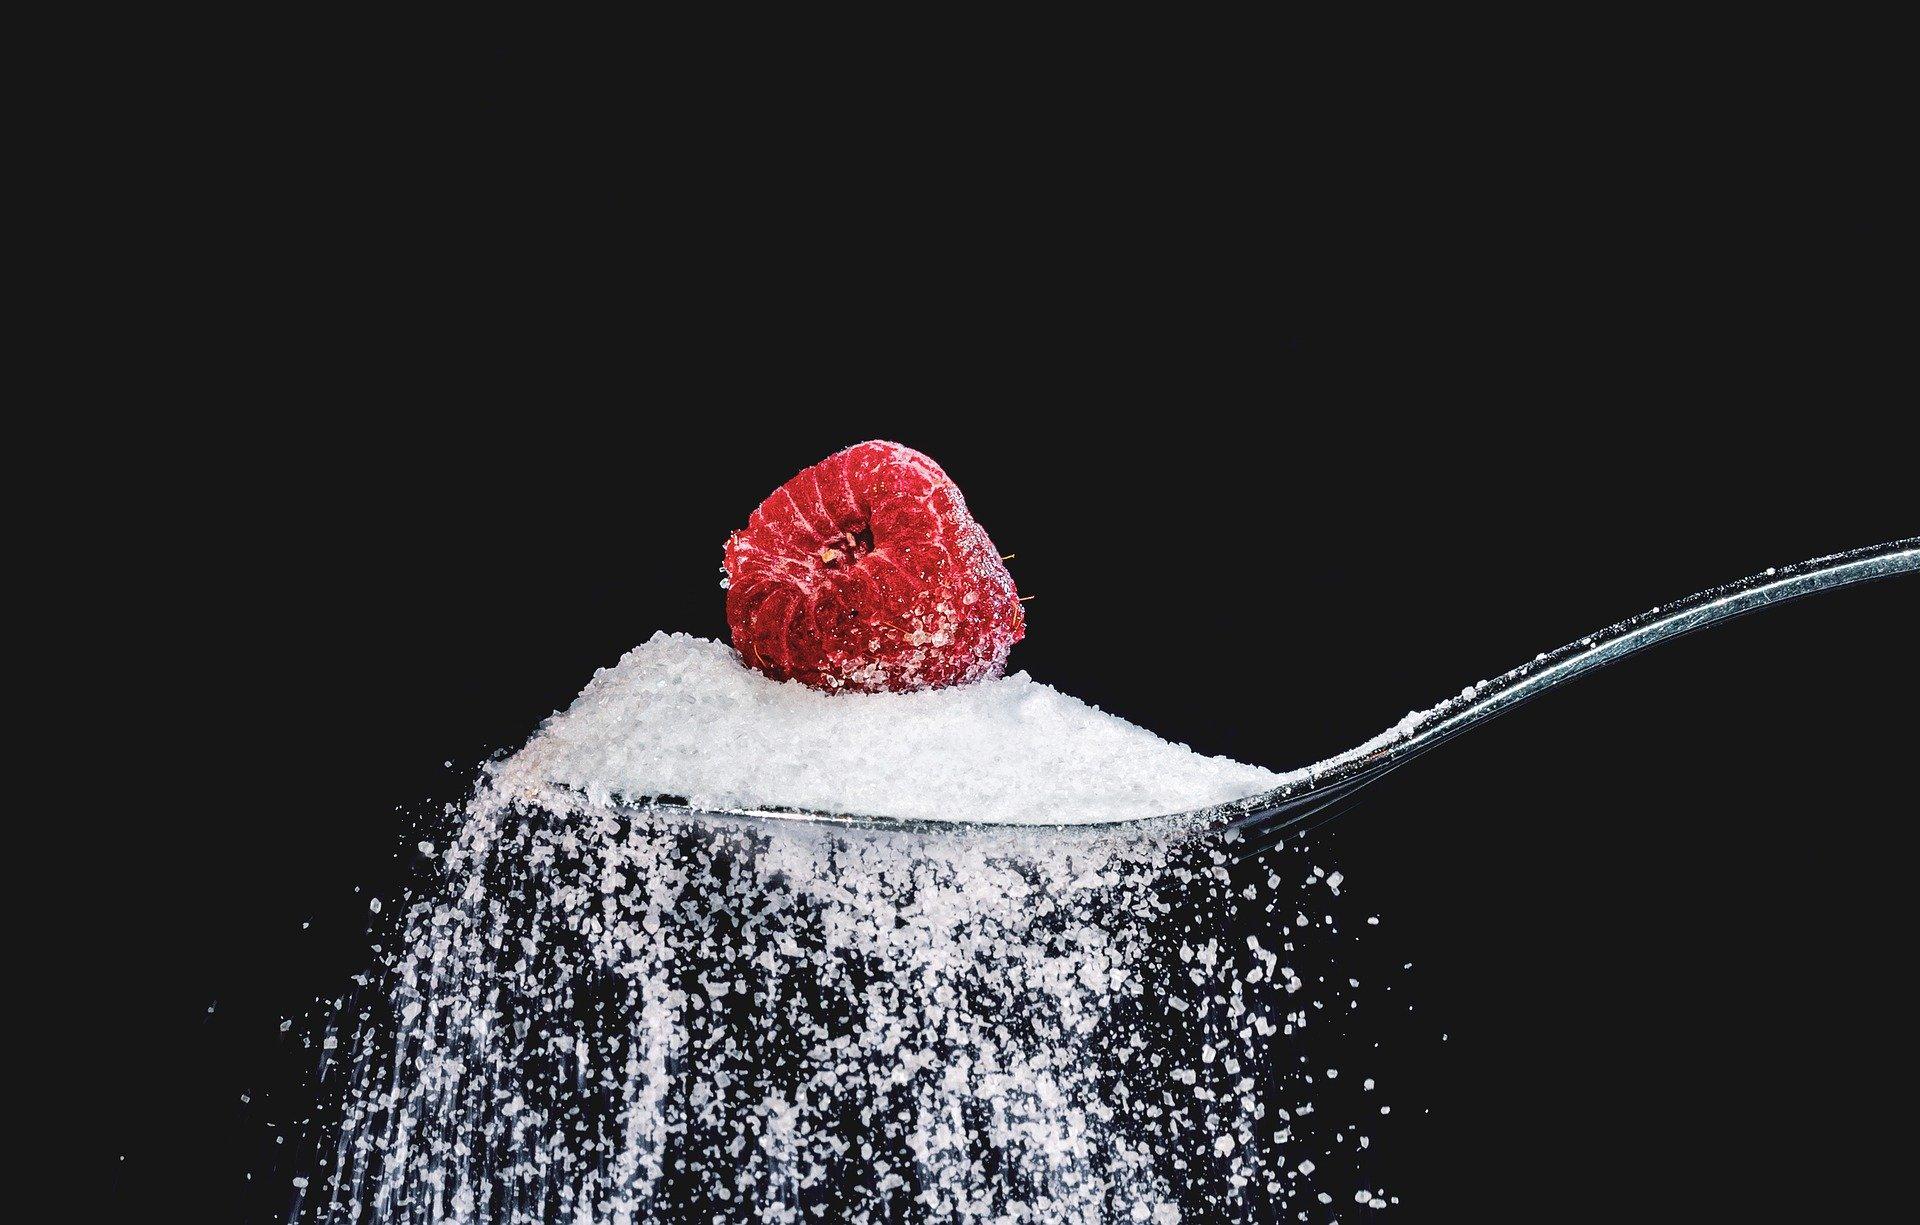 Сахар, метаболический синдром, нарушение обмена веществ